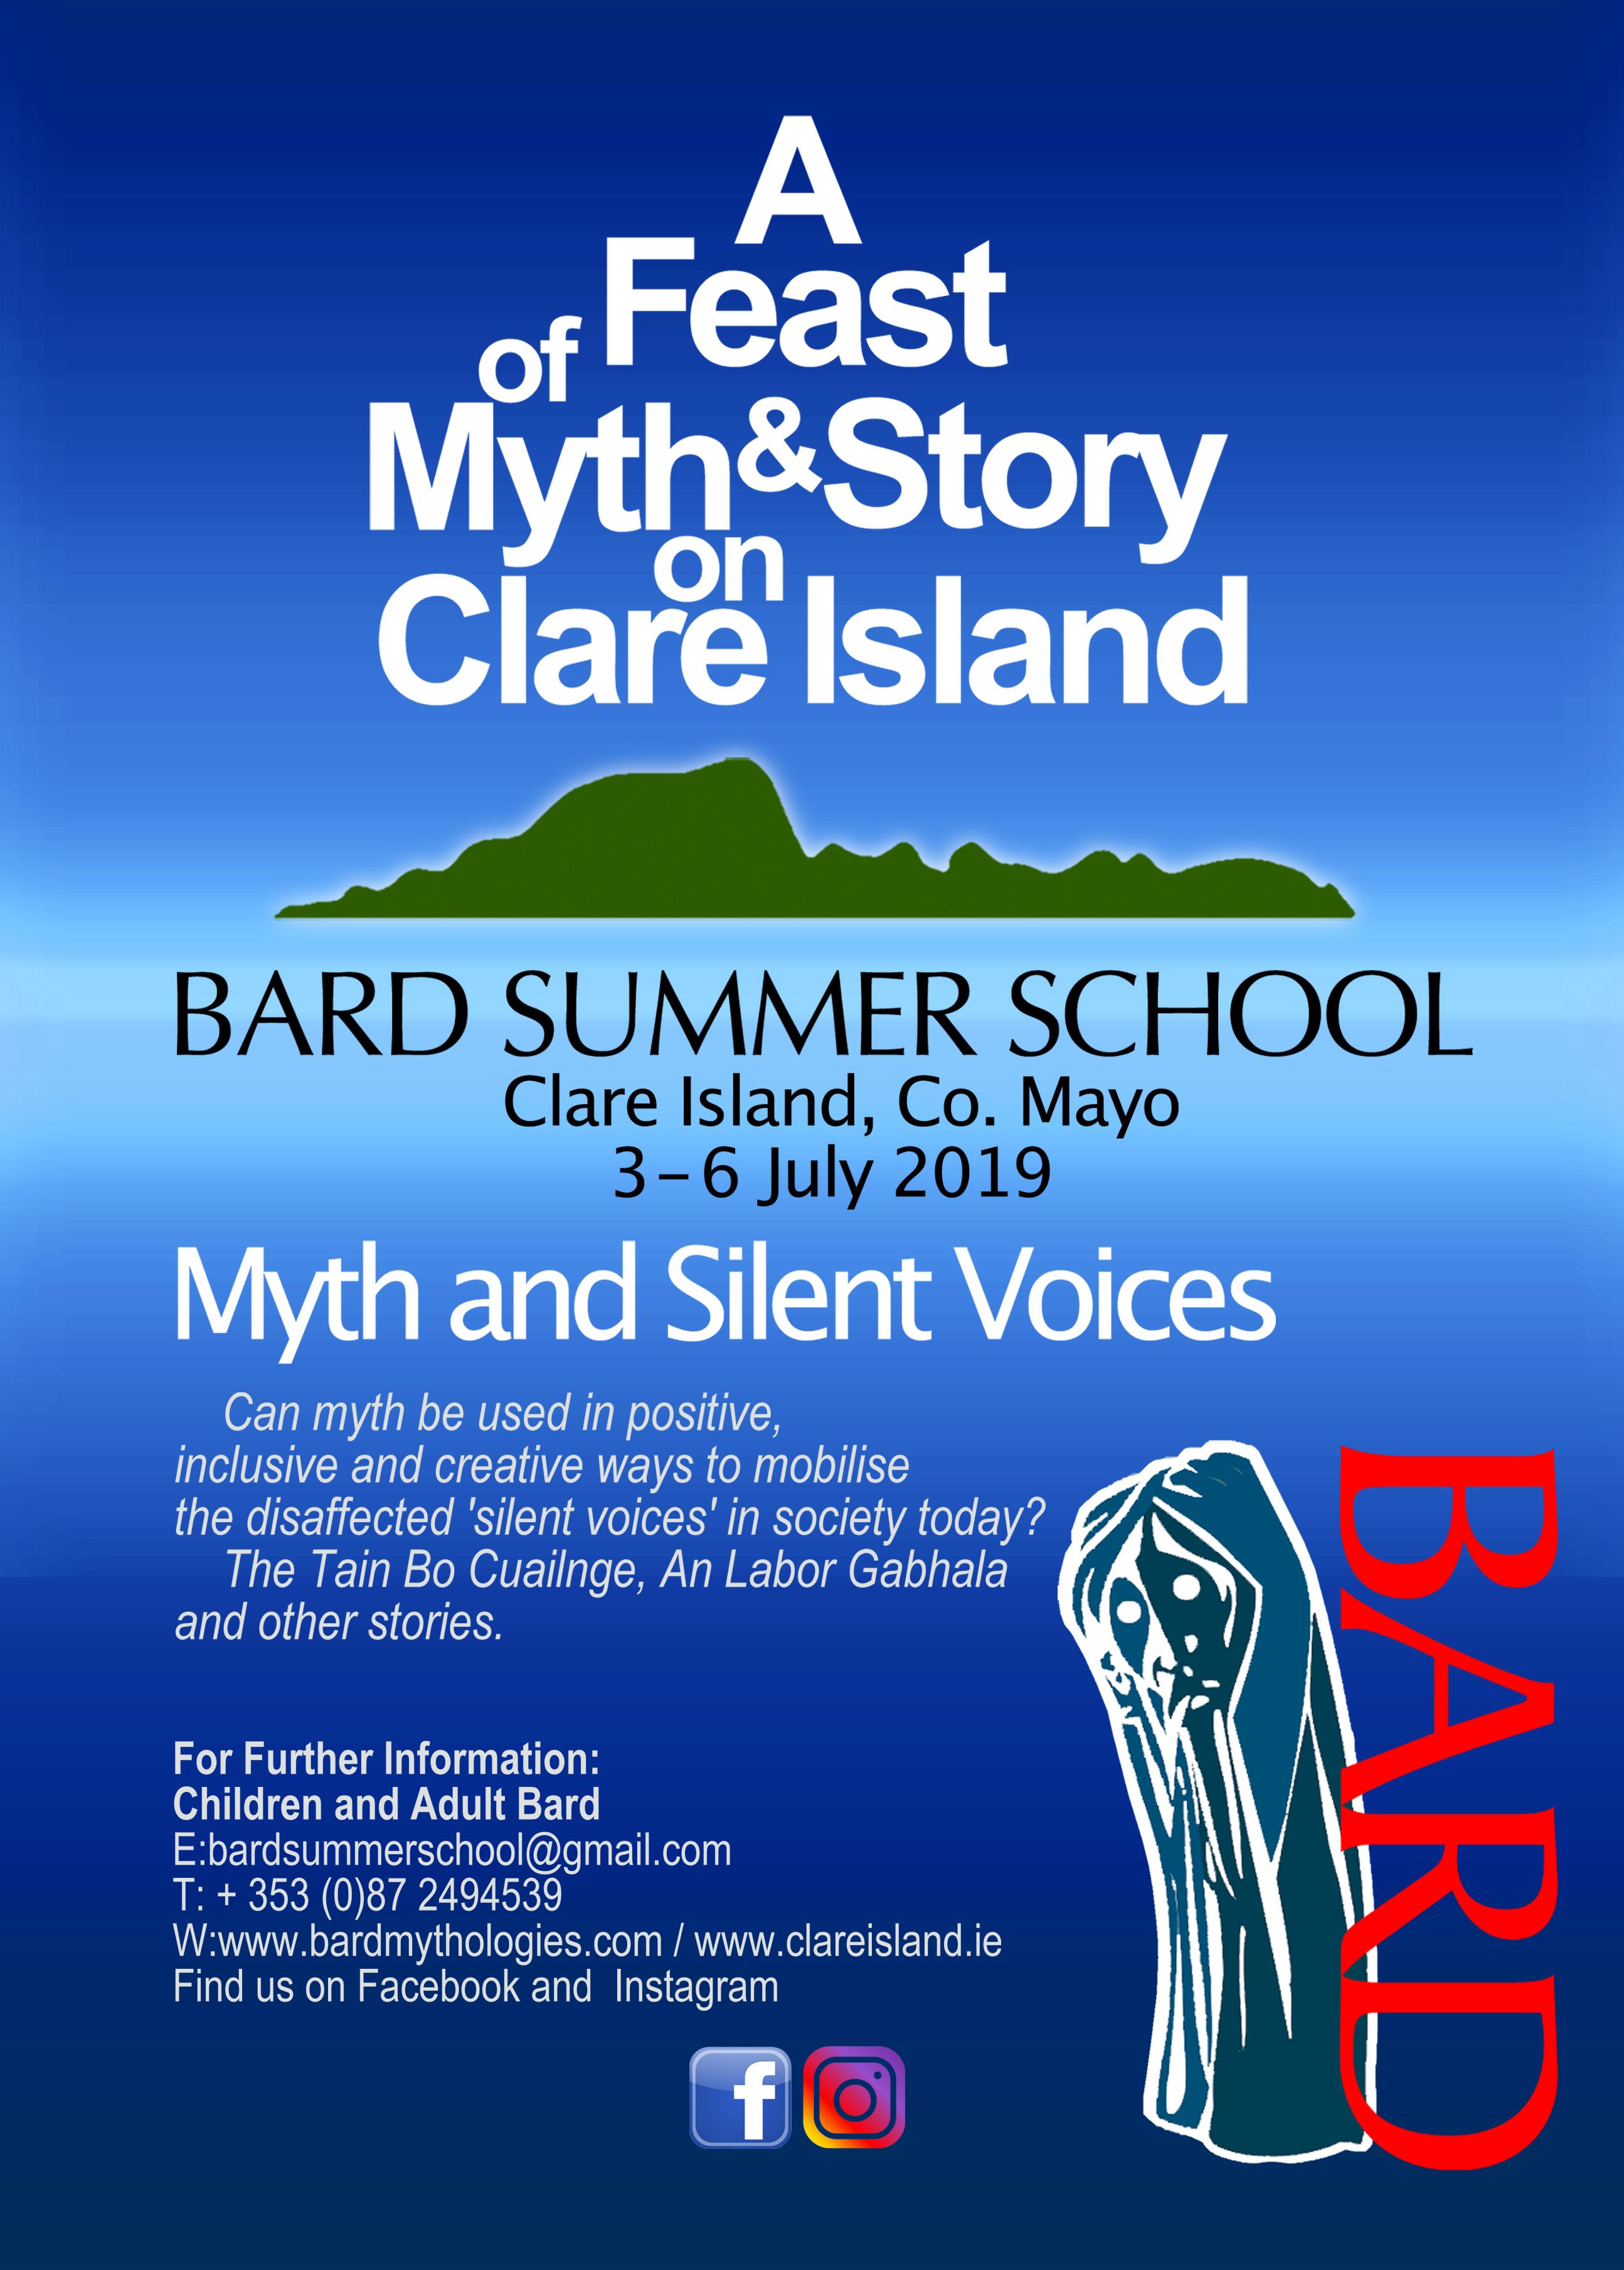 Bard Summer School 2019